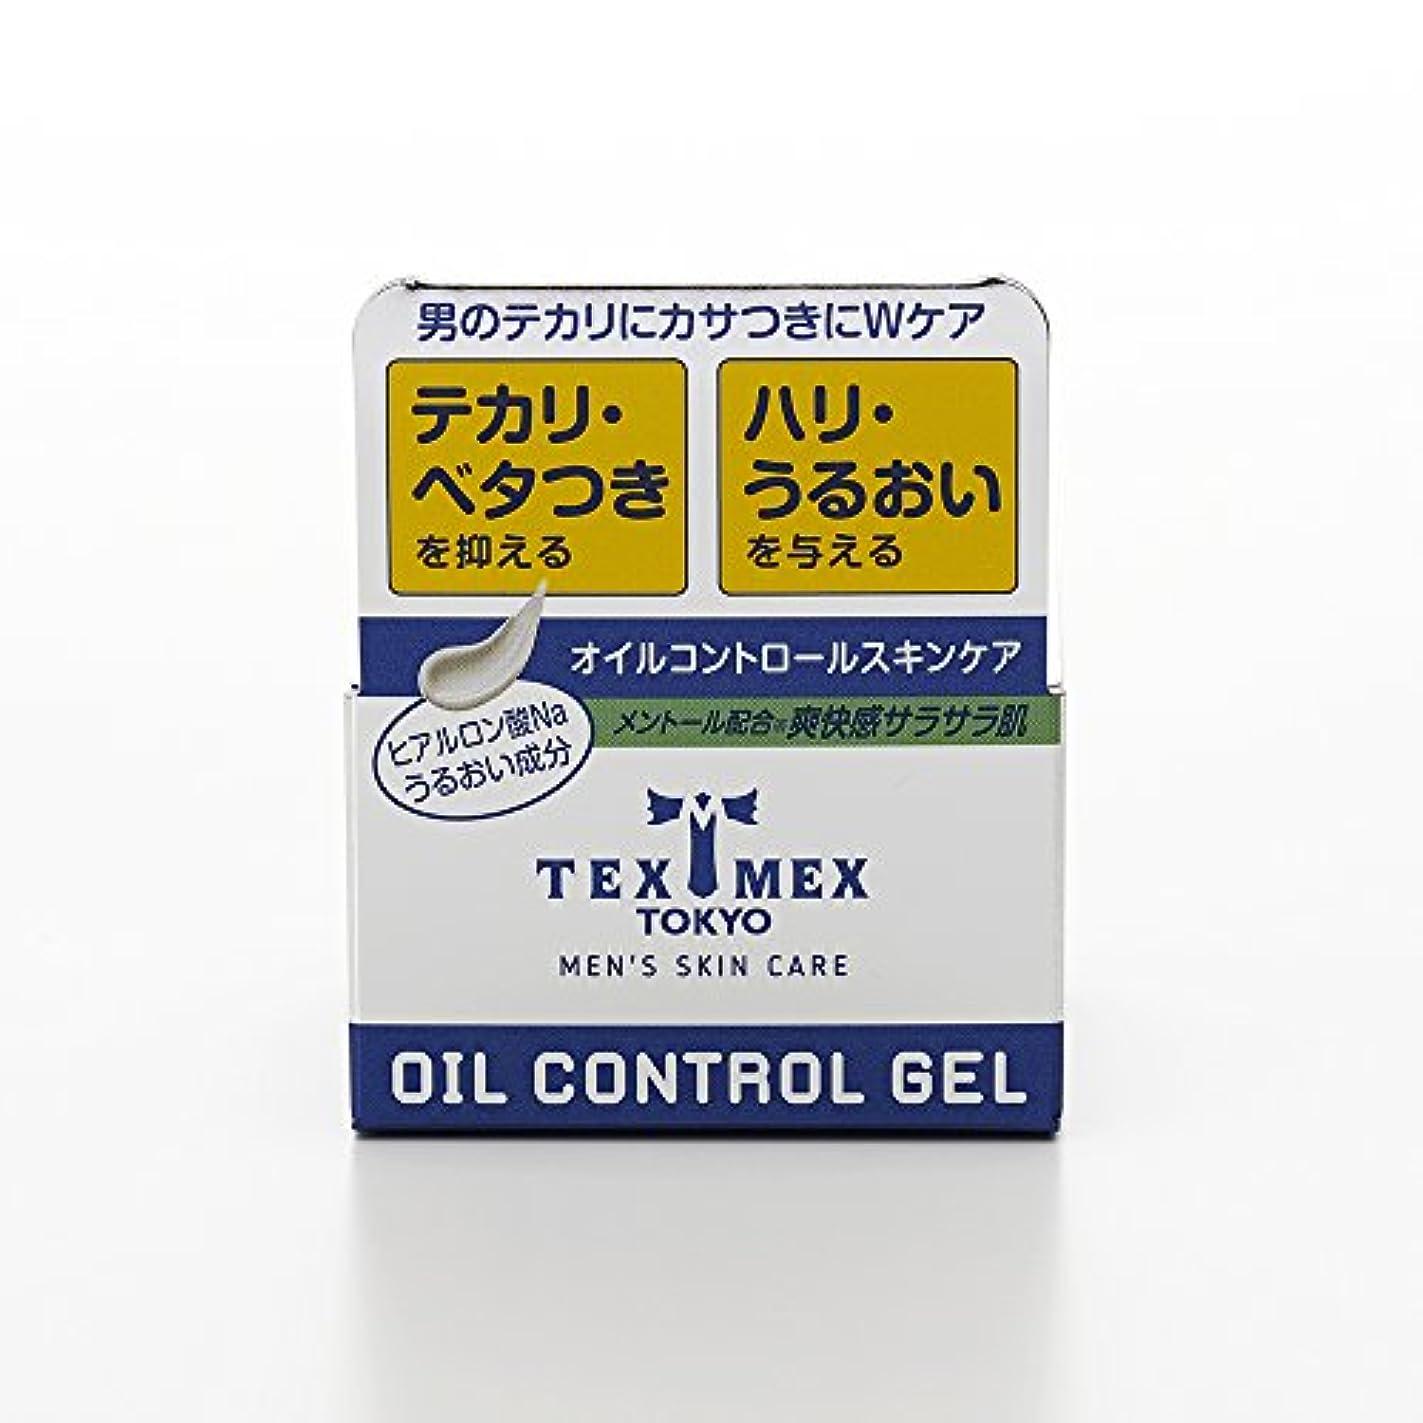 韓国の中で登山家テックスメックス オイルコントロールジェル 24g (テカリ防止ジェル) 【塗るだけでサラサラ肌に】